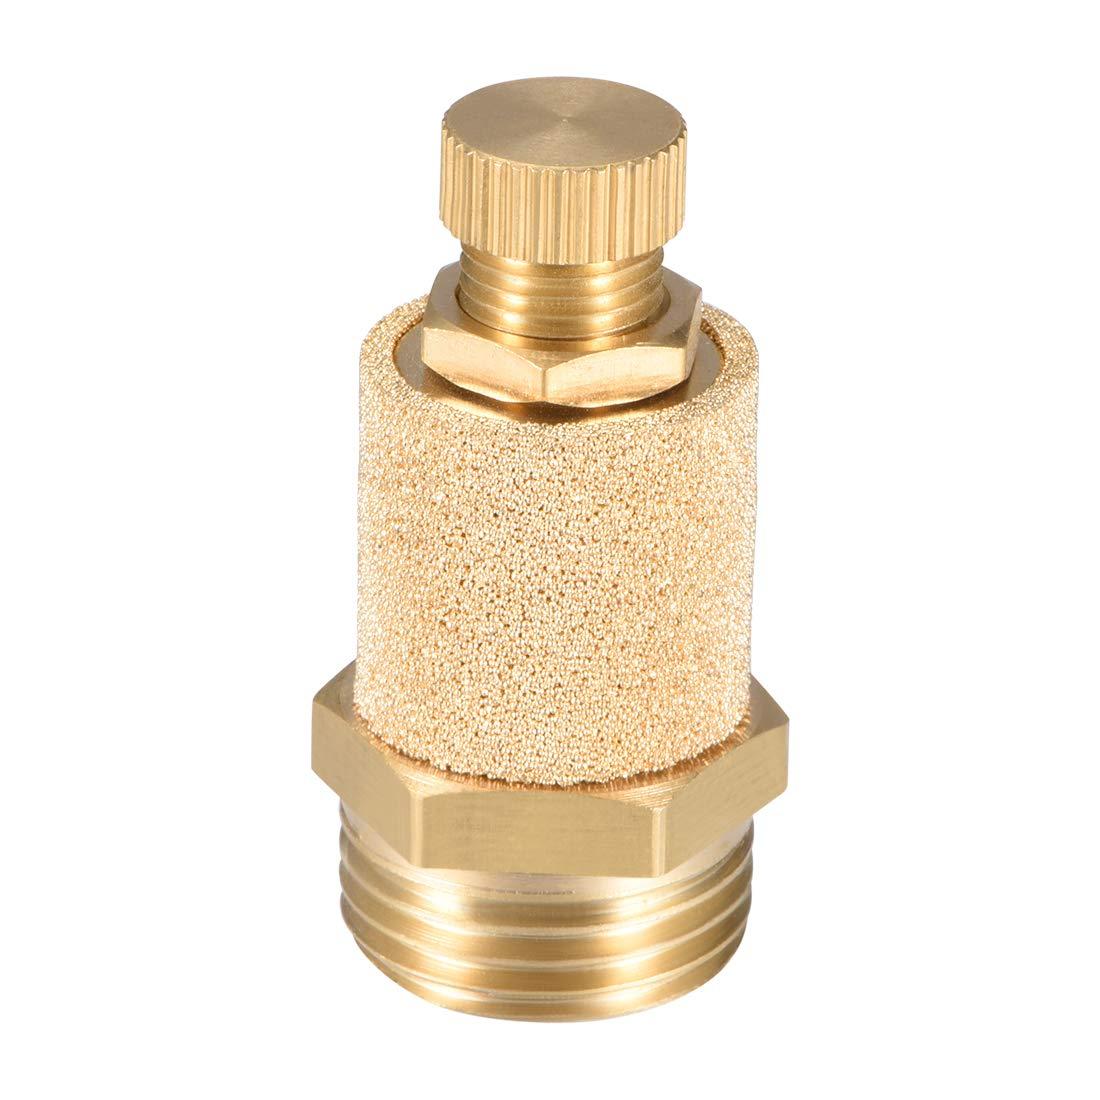 1//8 PT Male Thread 15//32 Hex Sintered Air Pneumatic Bronze Muffler with Brass Body Protruding 10pcs uxcell Brass Exhaust Muffler